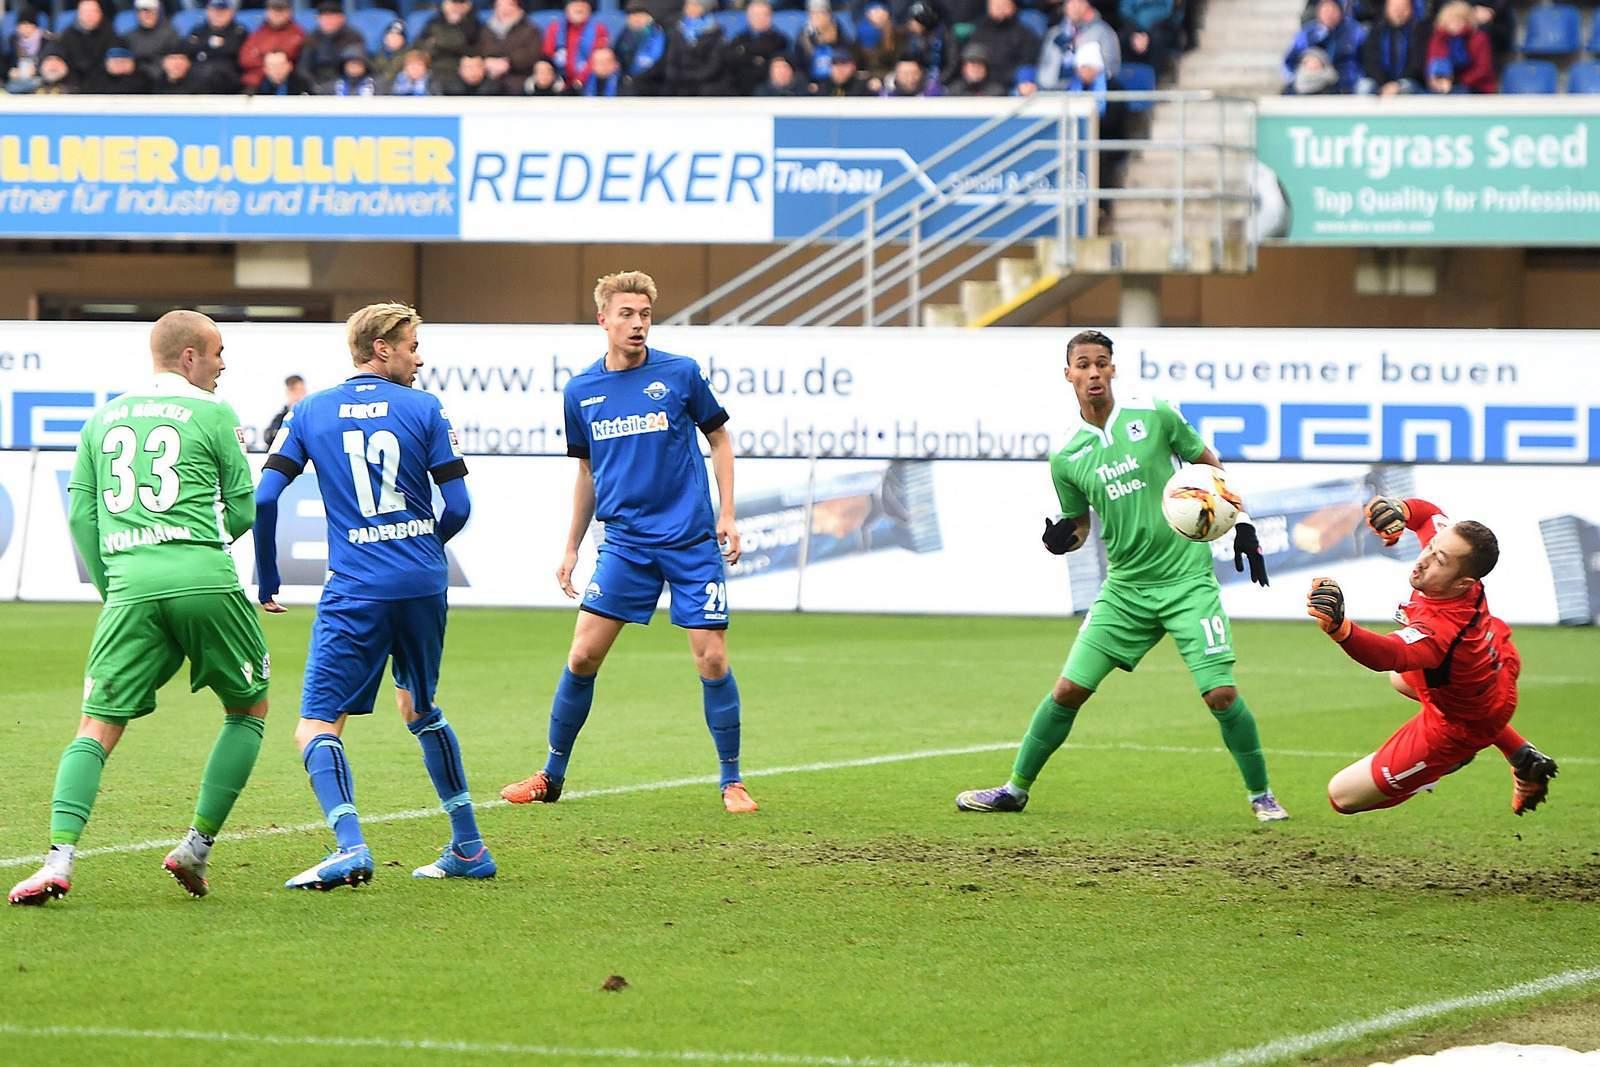 Kassiert Kruse wieder ein Tor? Unser Tipp: 1860 gewinnt gegen Paderborn